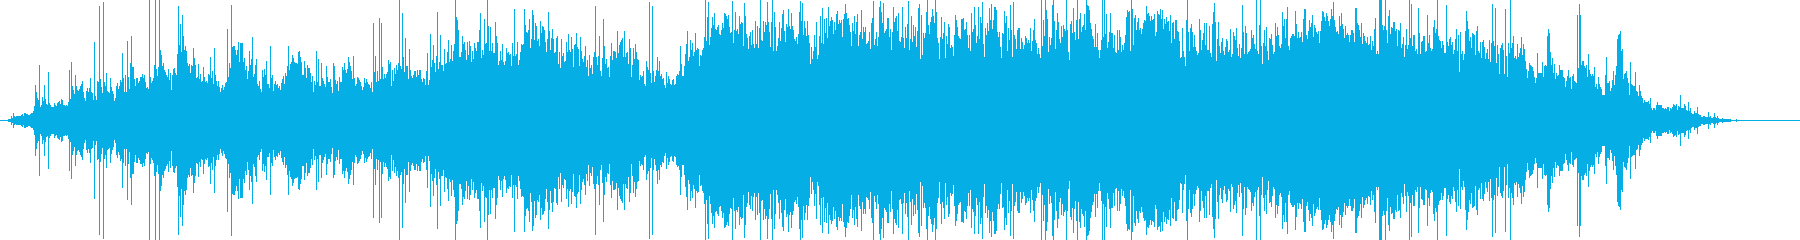 エレクトロニックミュージックの再生済みの波形